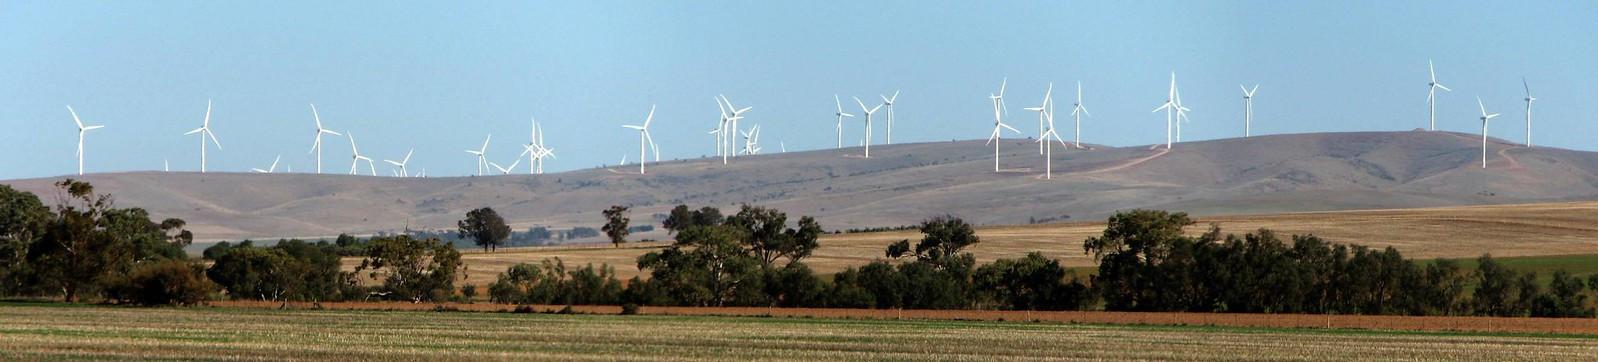 David Clarke - Snowtown Wind Farm